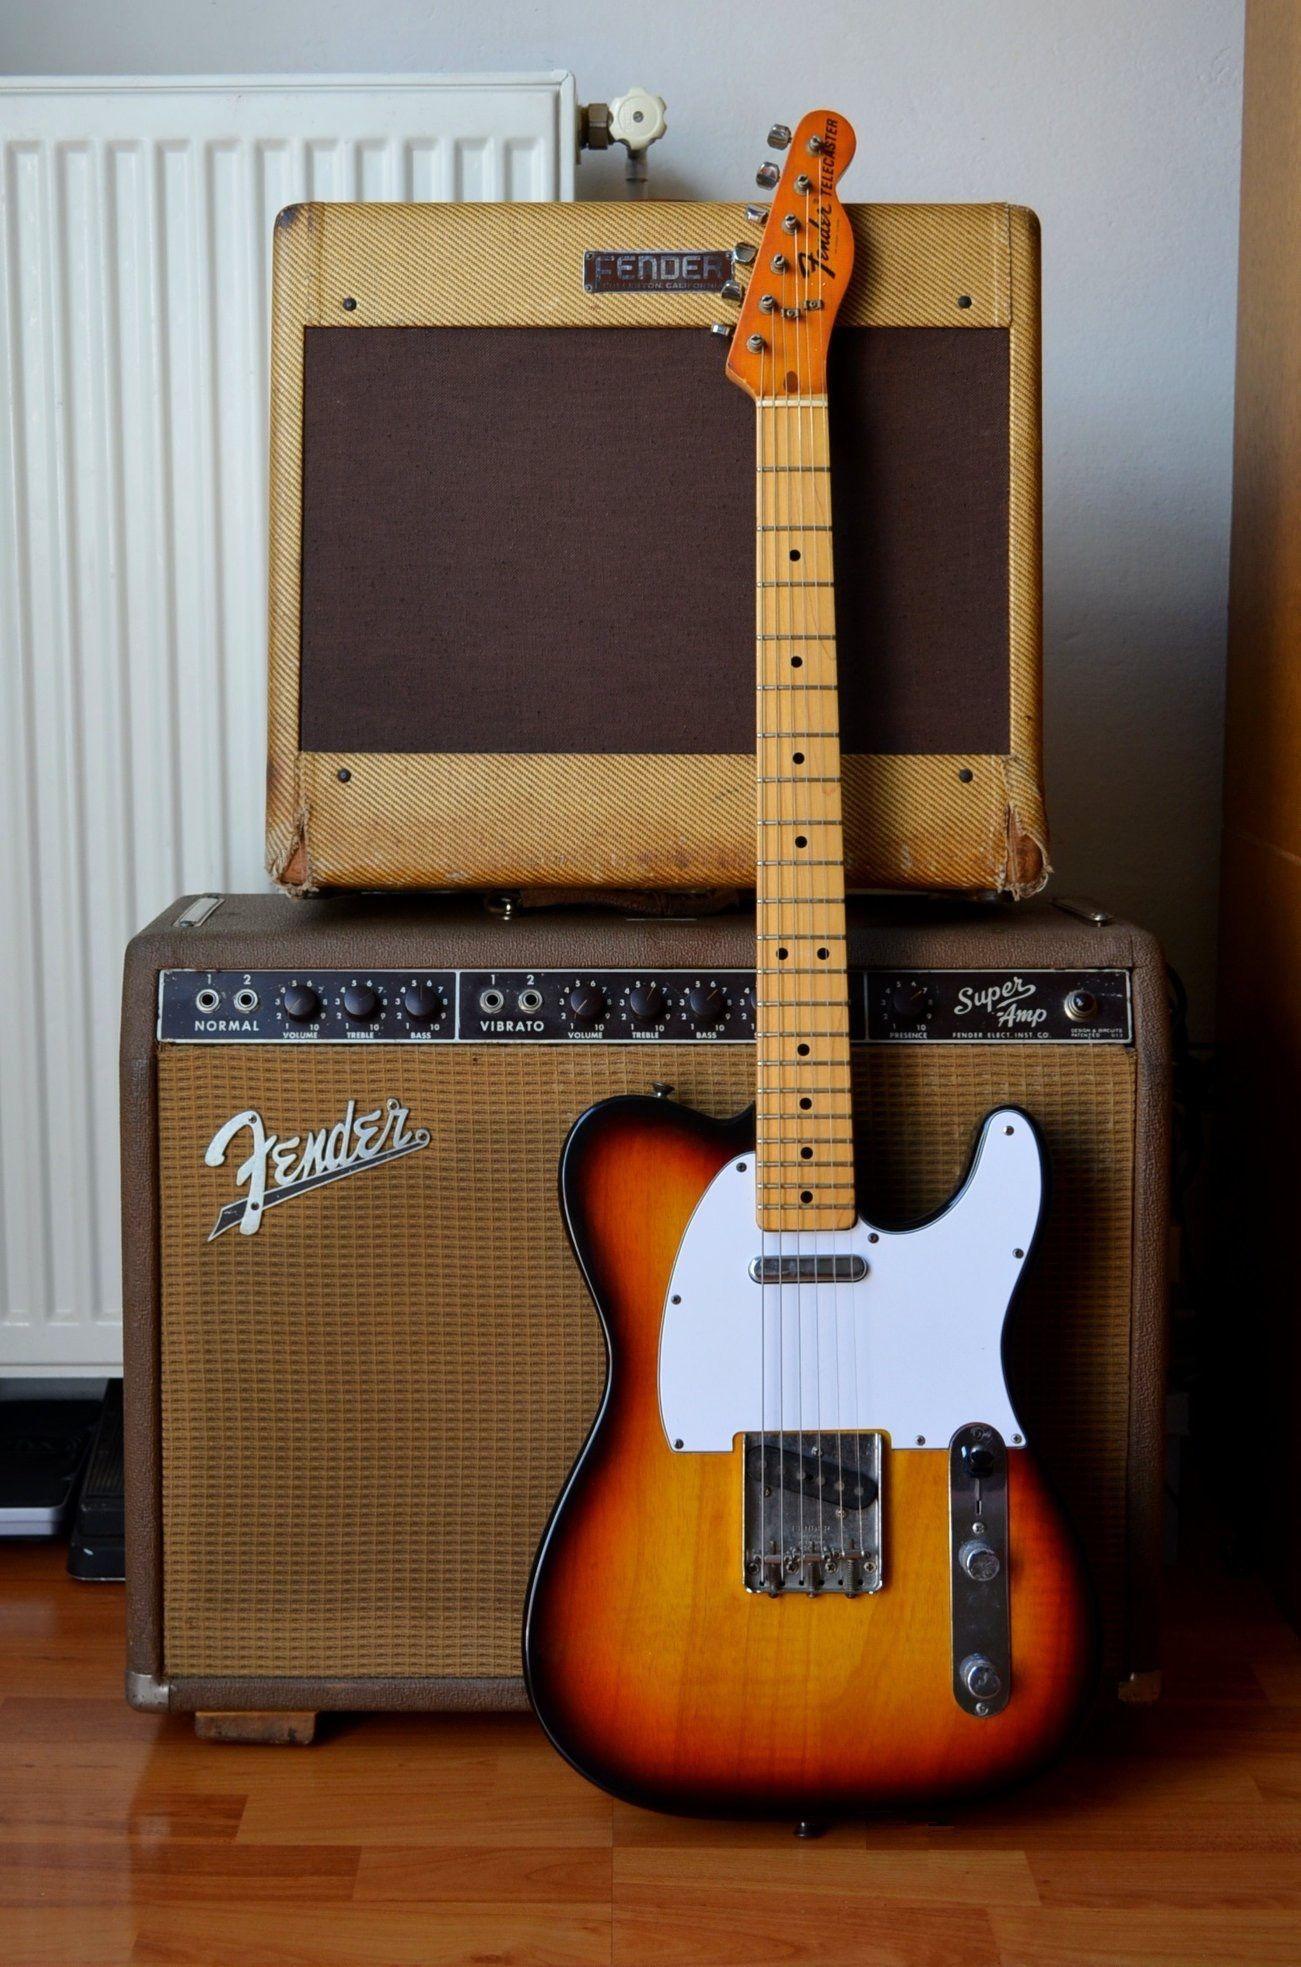 Some Of The Best Of Fender Fendertelecaster Some Of The Best Of Fender Fender Telecaster Deluxe Fender Telecaster Fender Guitars